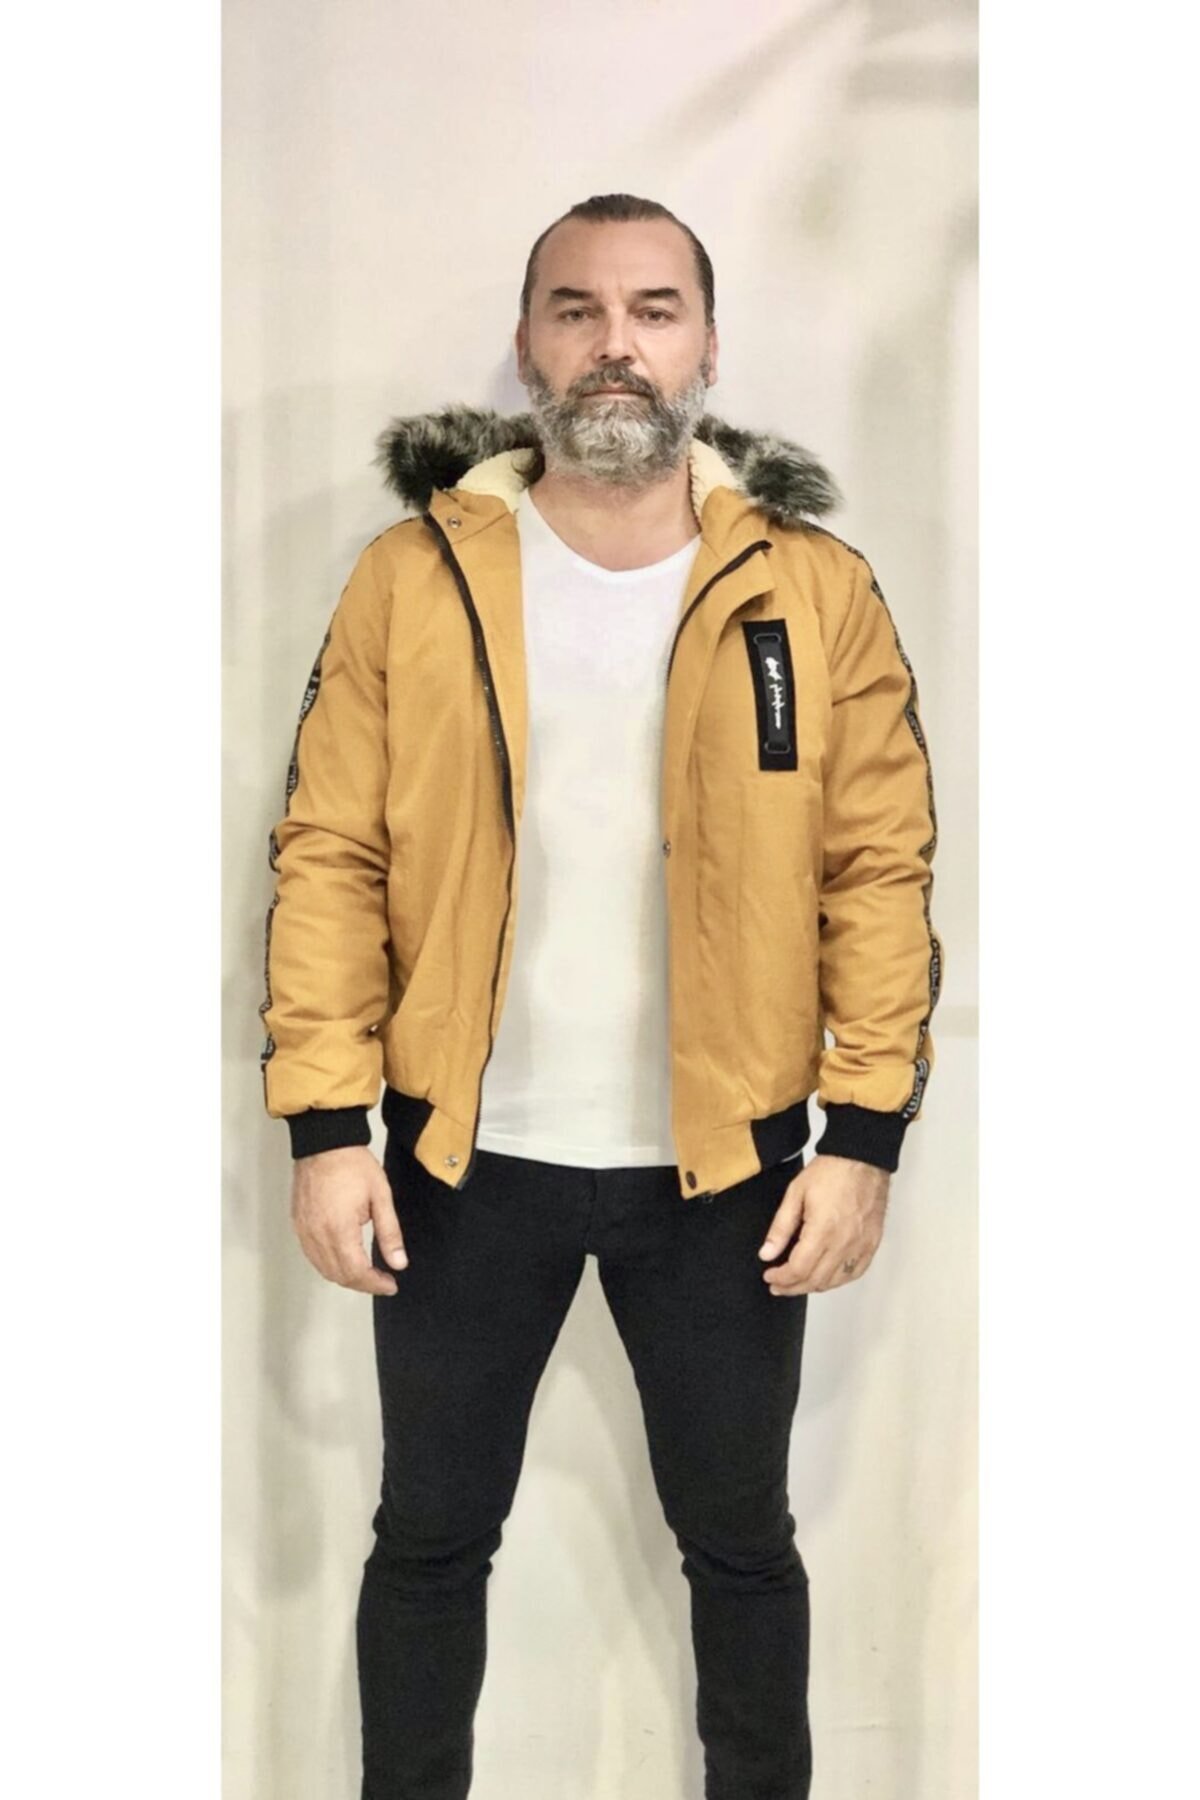 کاپشن اسلیم فیت کلاهدار مردانه برش لکه خزدار زرد قالب تنگ برند AMOR MAN کد 1600343801